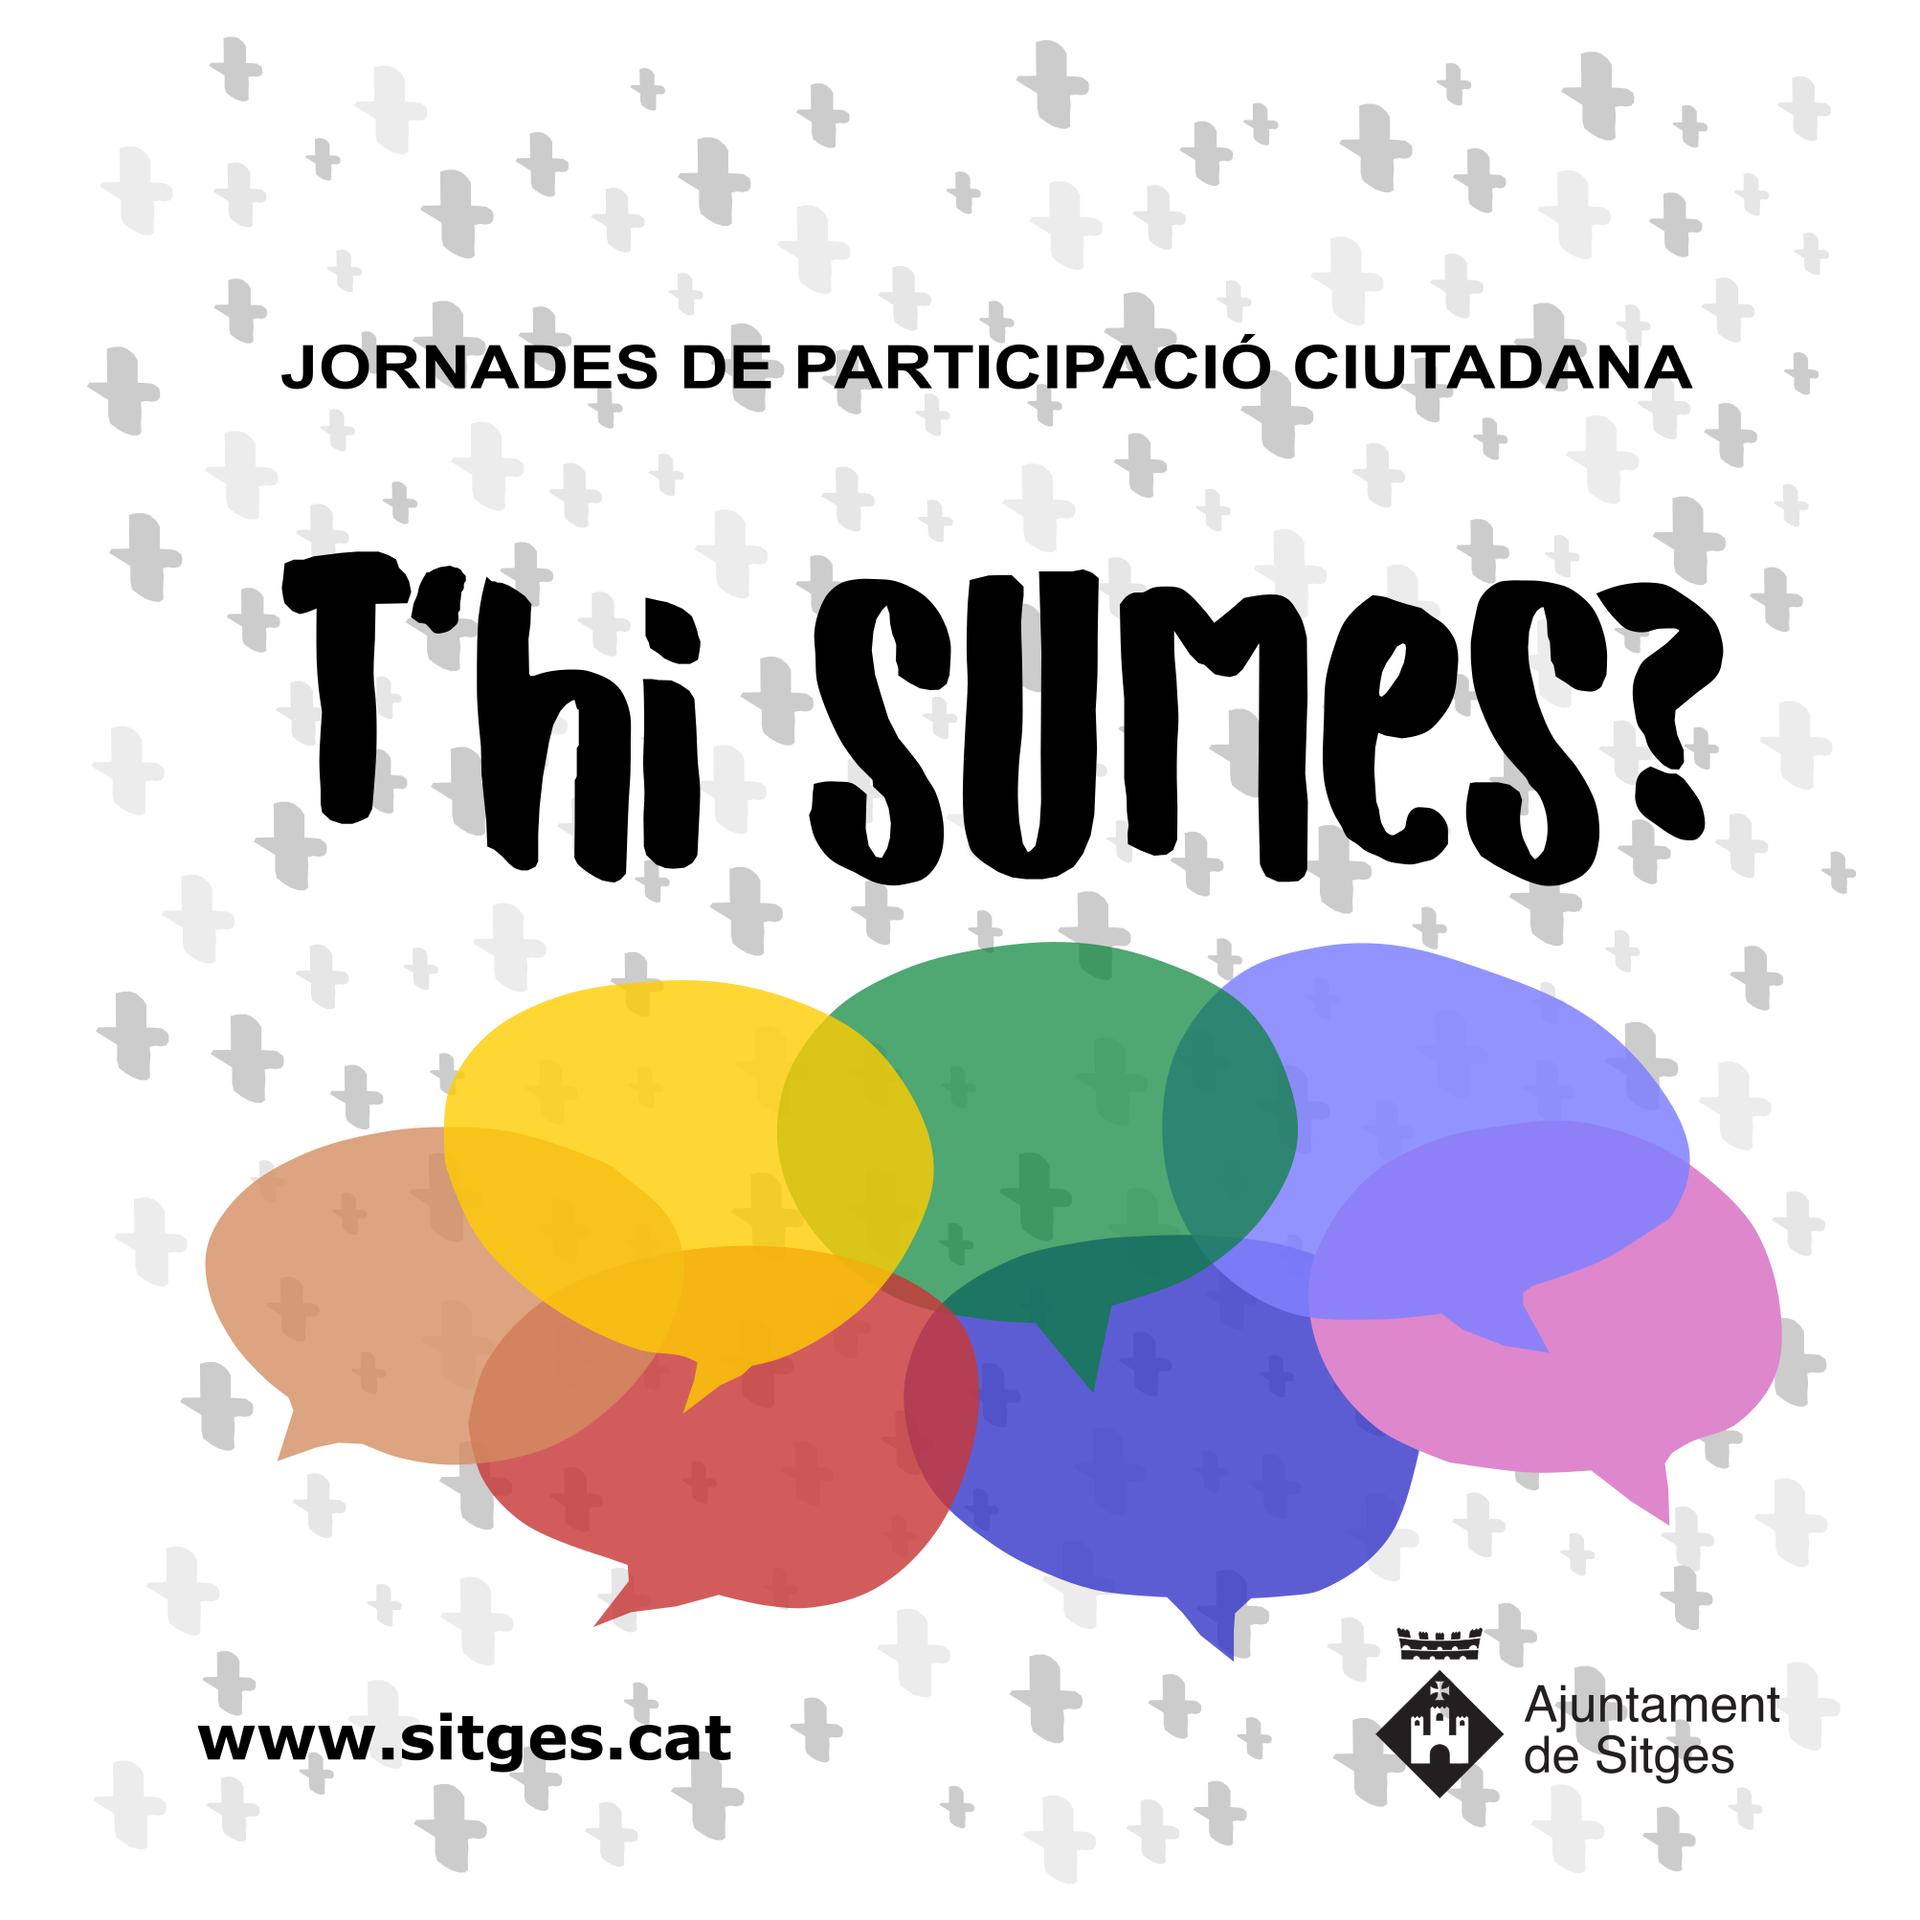 L'Ajuntament de Sitges convida a la participació ciutadana